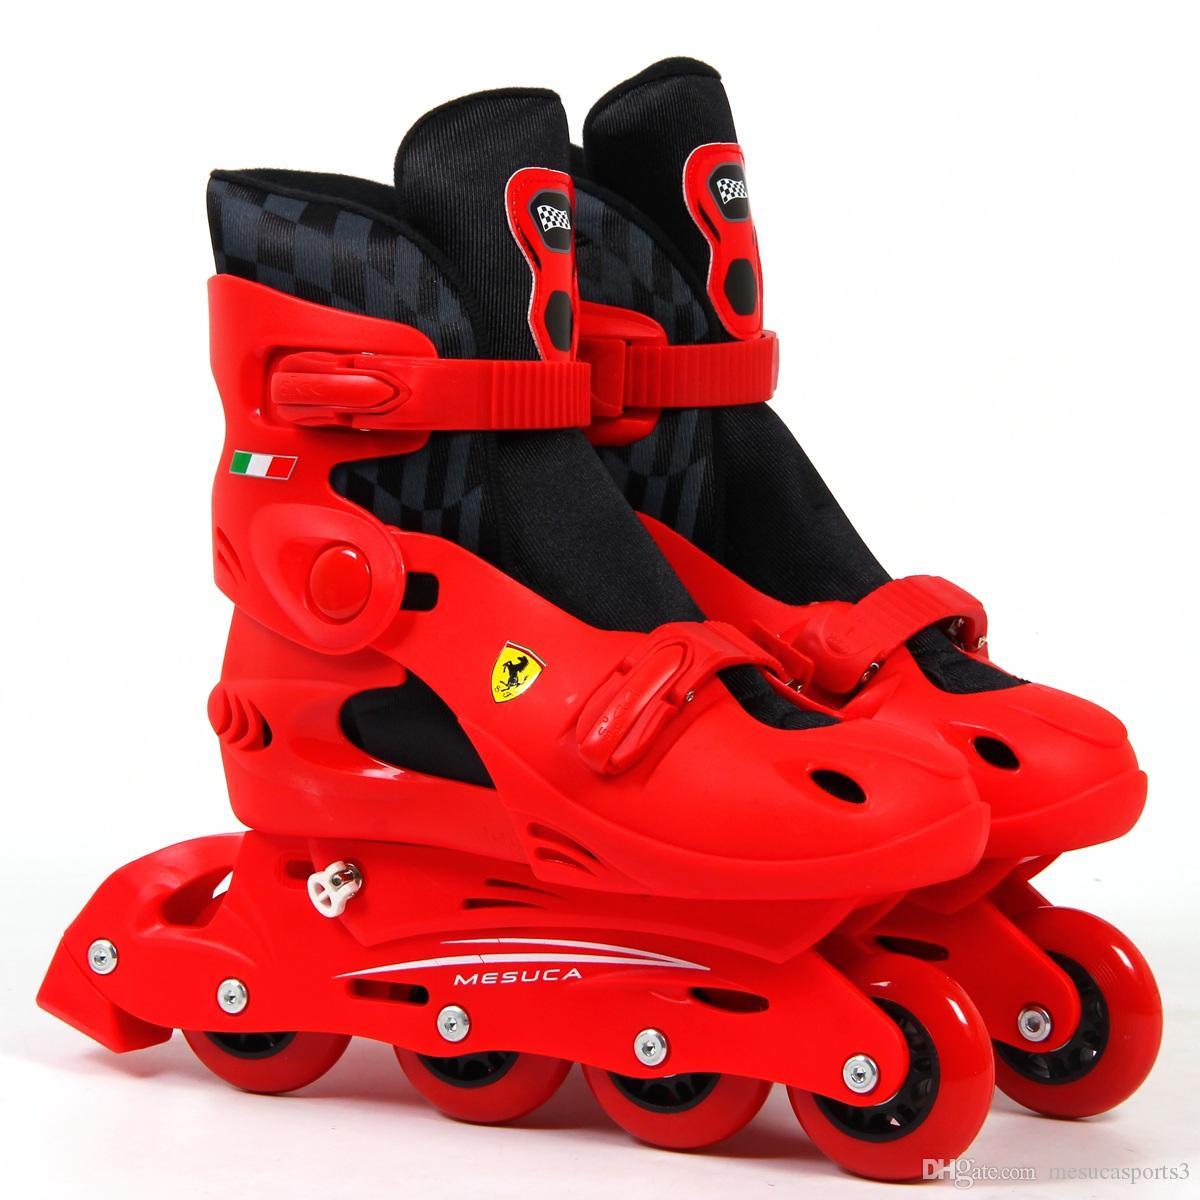 Roller skates red - Ferrari Basic Inline Skate Rollerblade Outdoor Sports Roller Blades Skating Shoes Adjustable Size For Kids Children